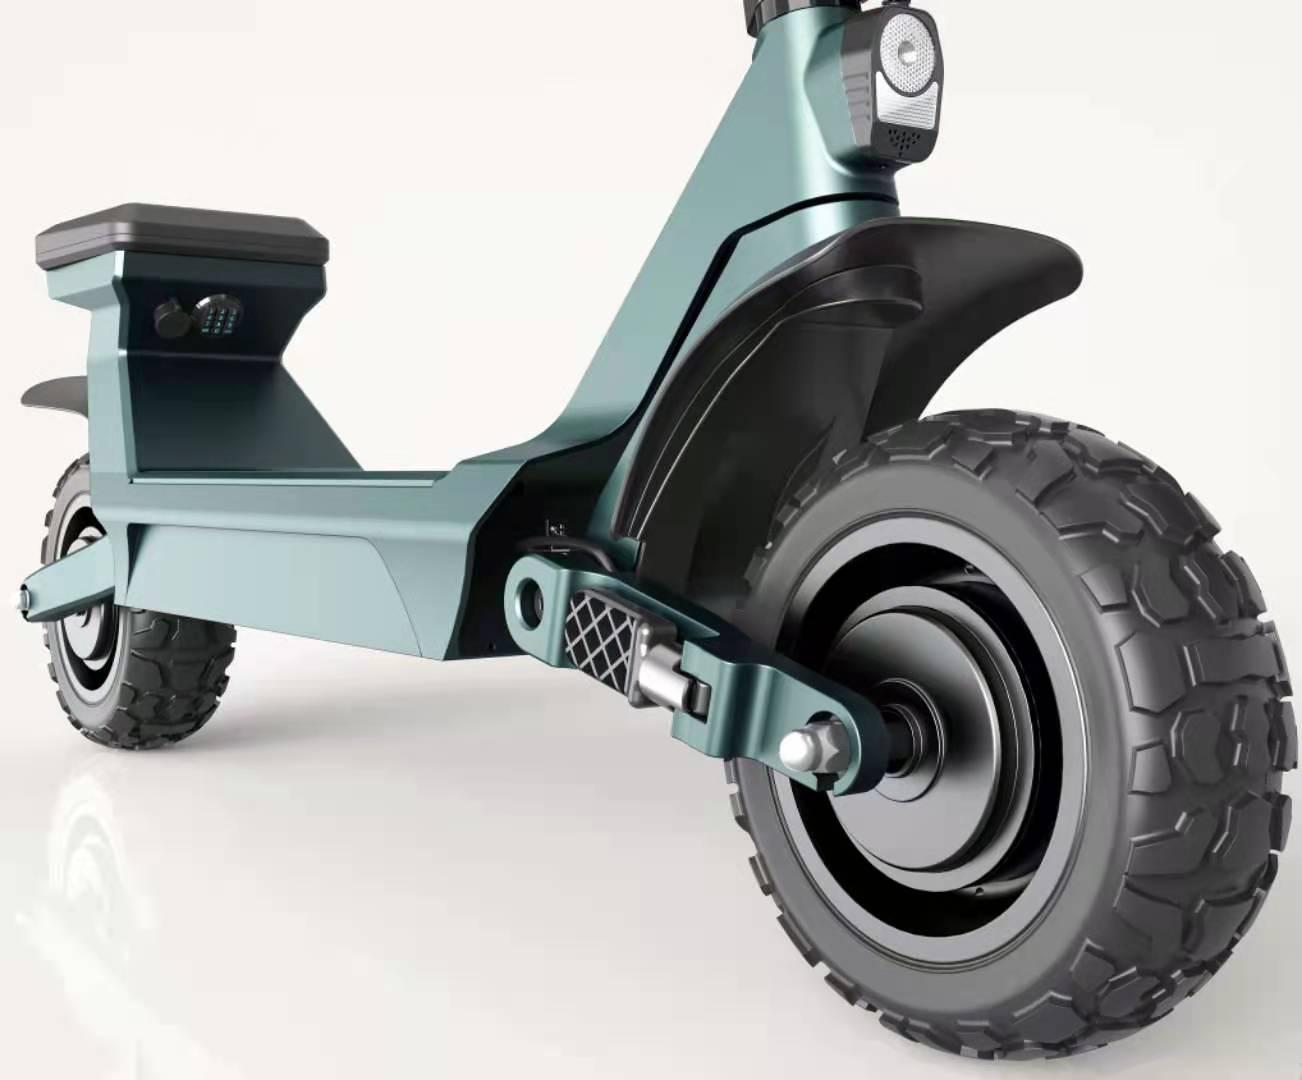 Fiido-X è la nuova e-bike rivoluzionaria in arrivo su Indiegogo 4